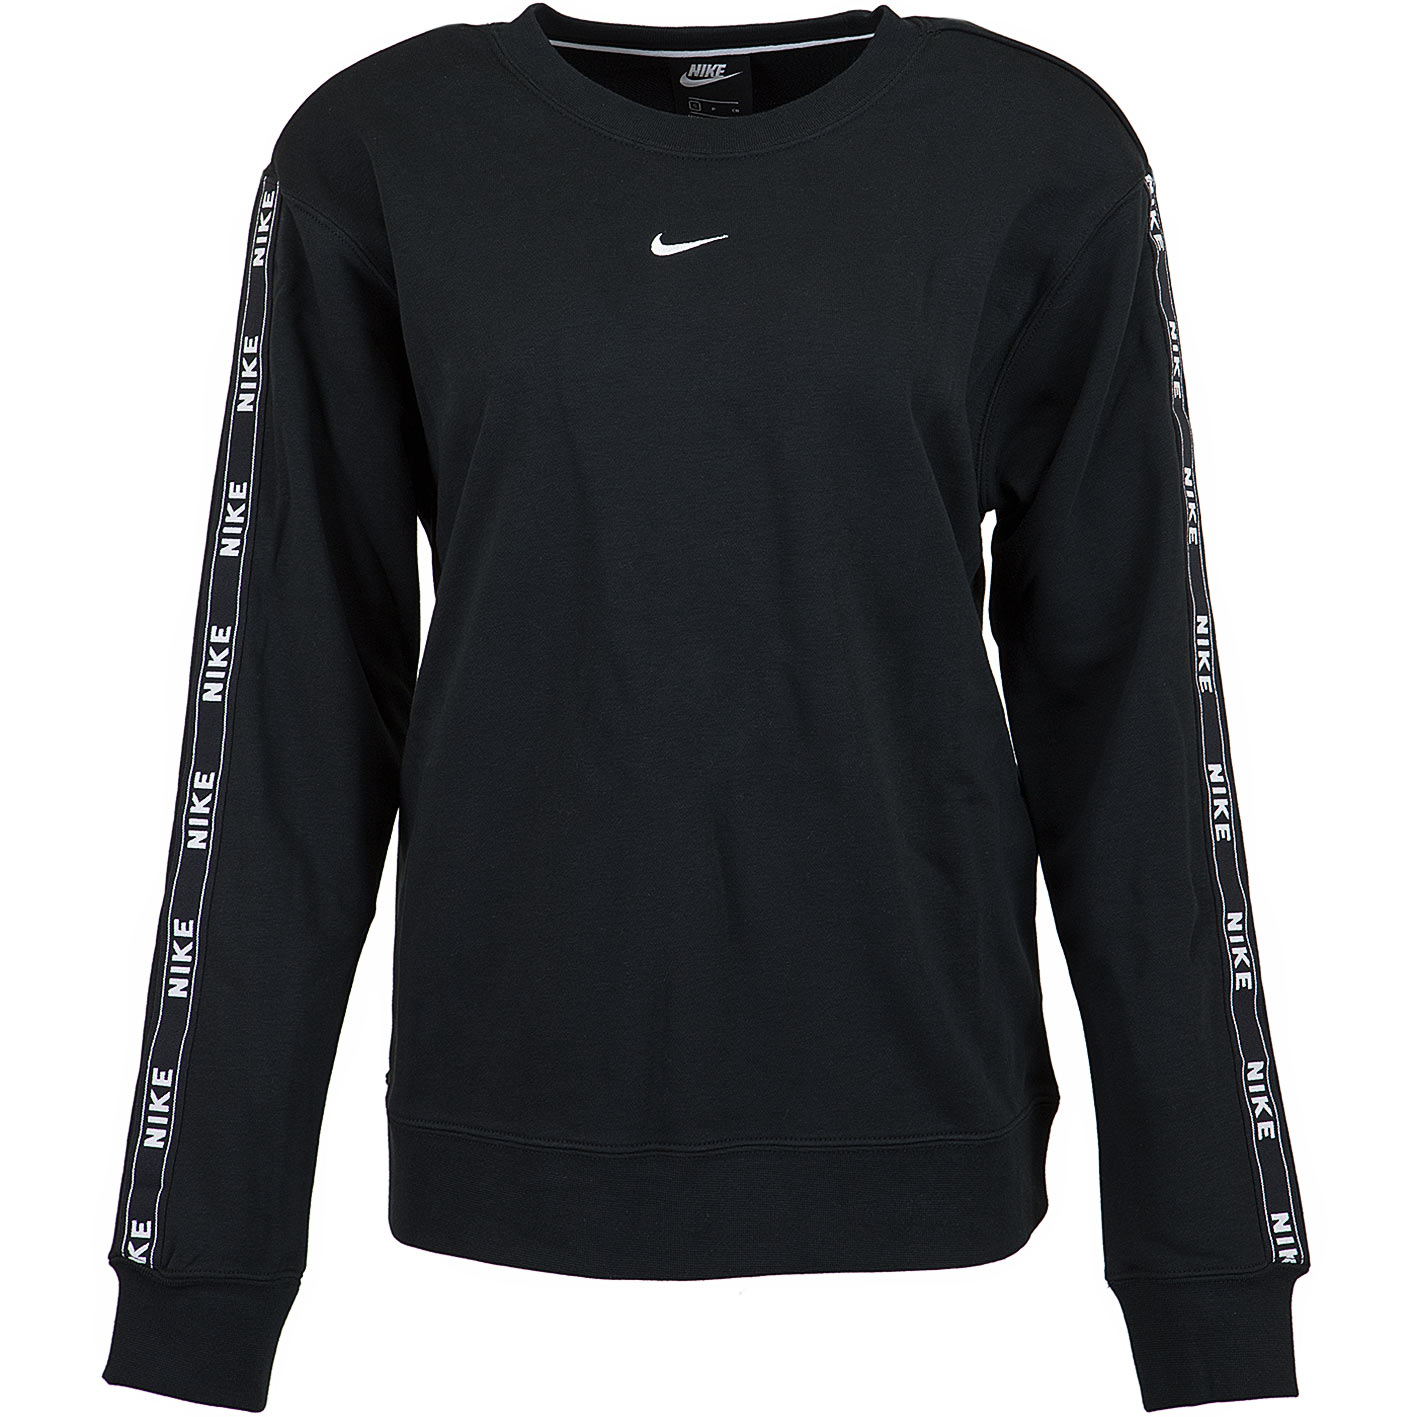 low priced 7fb98 ace69 Nike Damen Sweatshirt Logo Tape schwarz/weiß